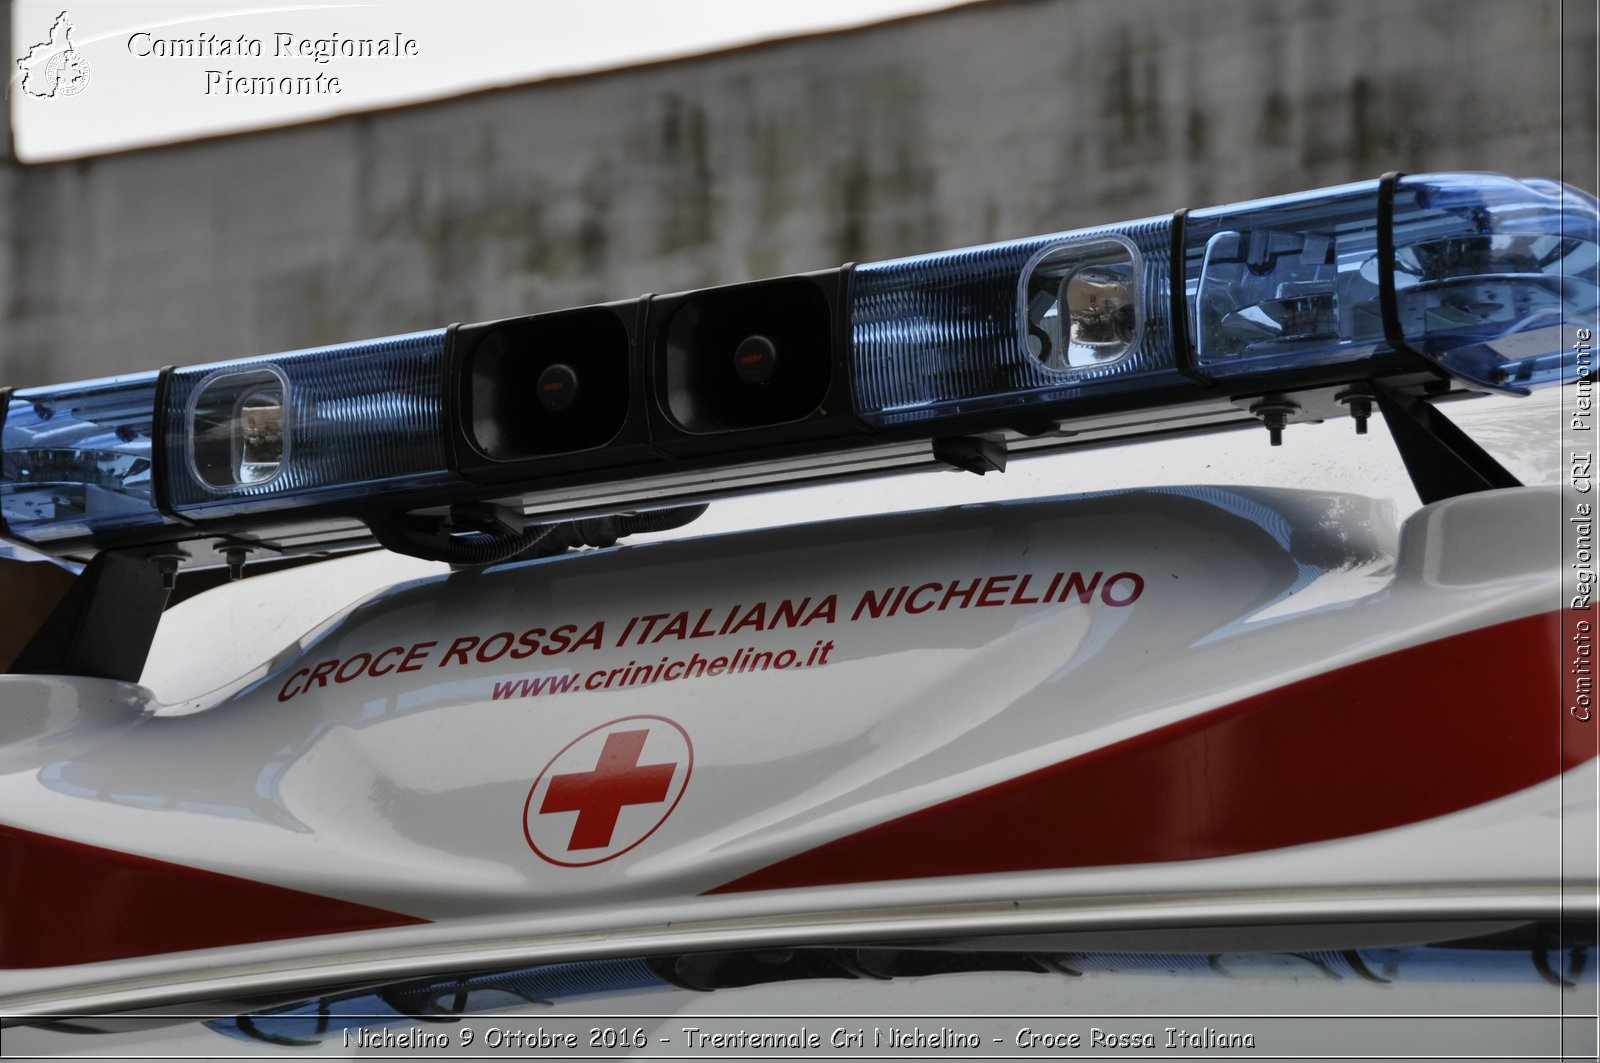 NICHELINO – Anziana di perde per la città: soccorsa dalla Croce Rossa